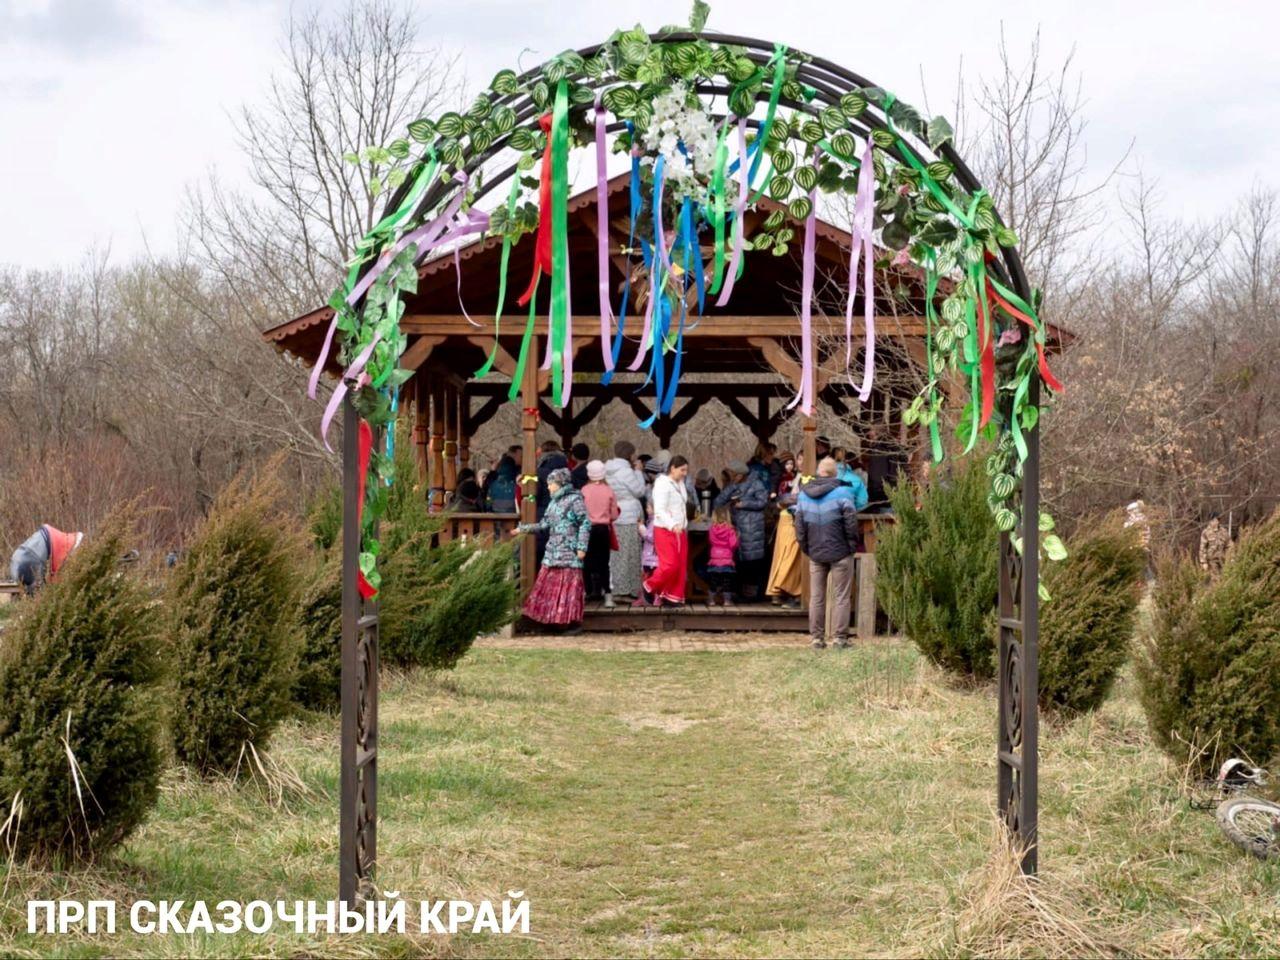 Встреча весны в поселении Сказочный край (2).jpg